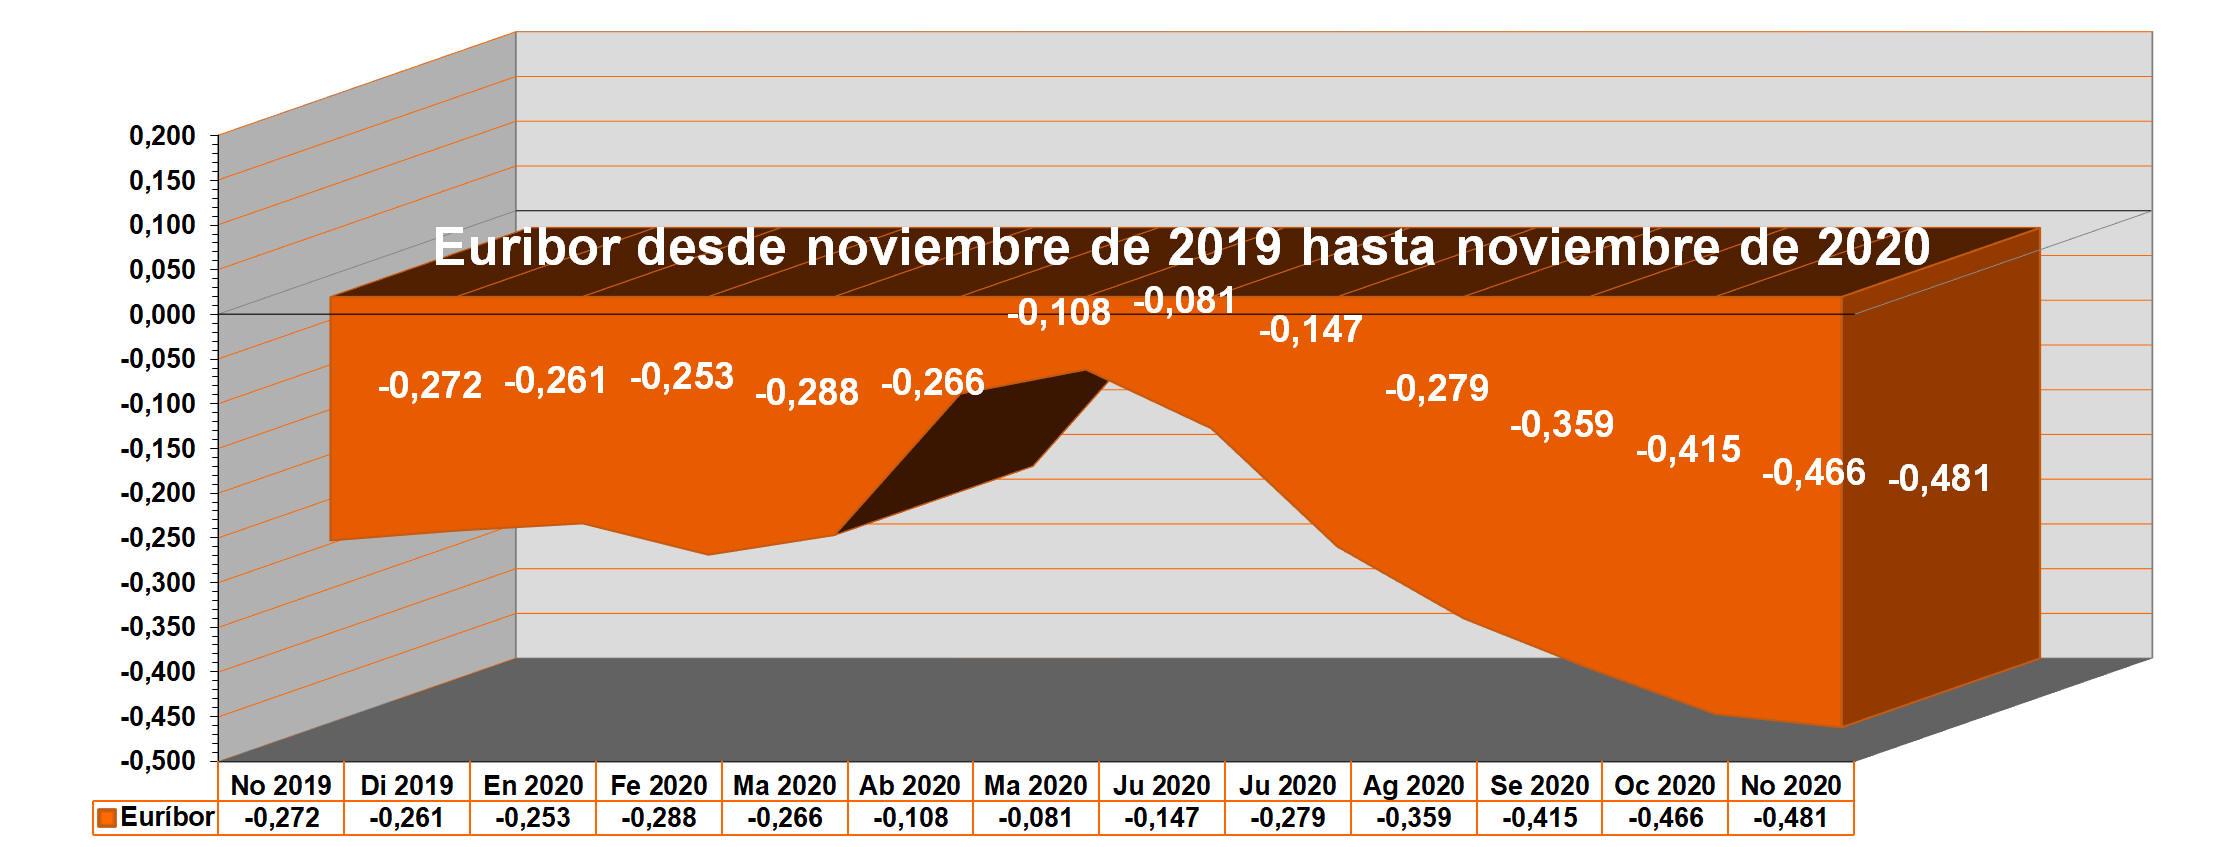 Euribor noviembre de 2020. Gráfico anual del Euríbor